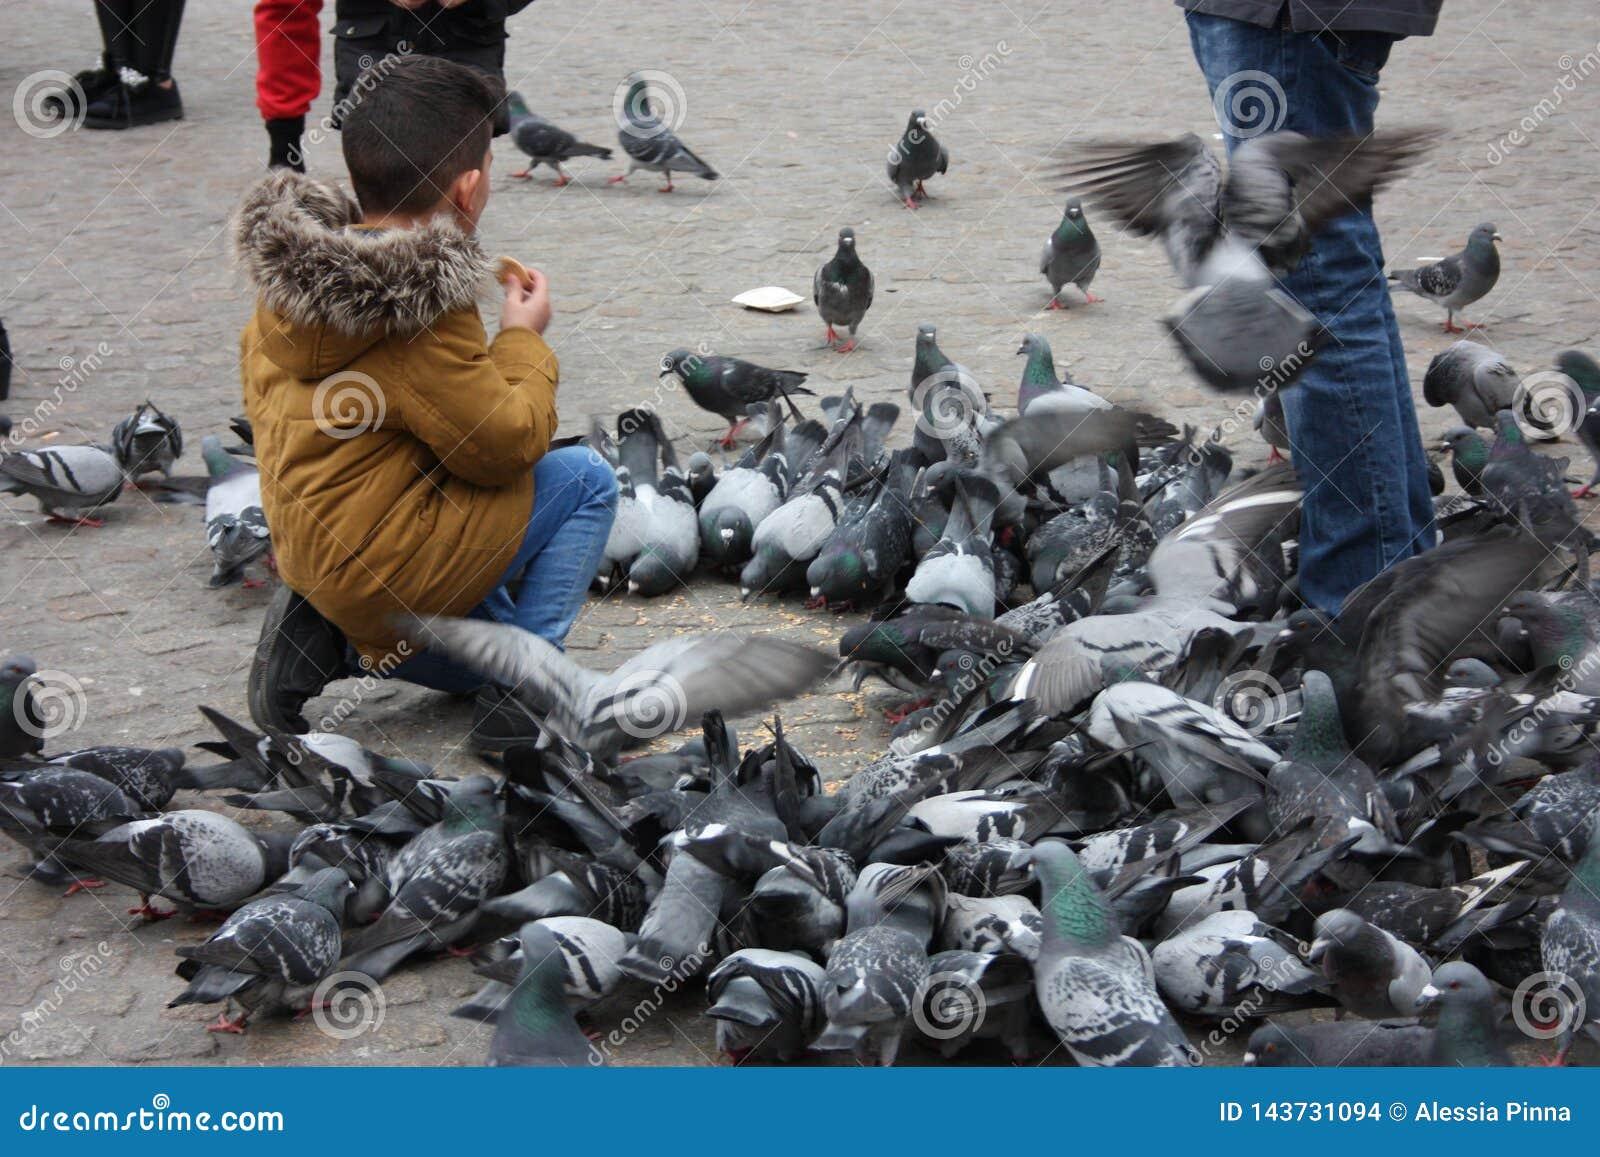 Petits enfants un jour d hiver jouant dans une place dans une ville européenne Ils ont plaisir à chasser des pigeons et à les ali